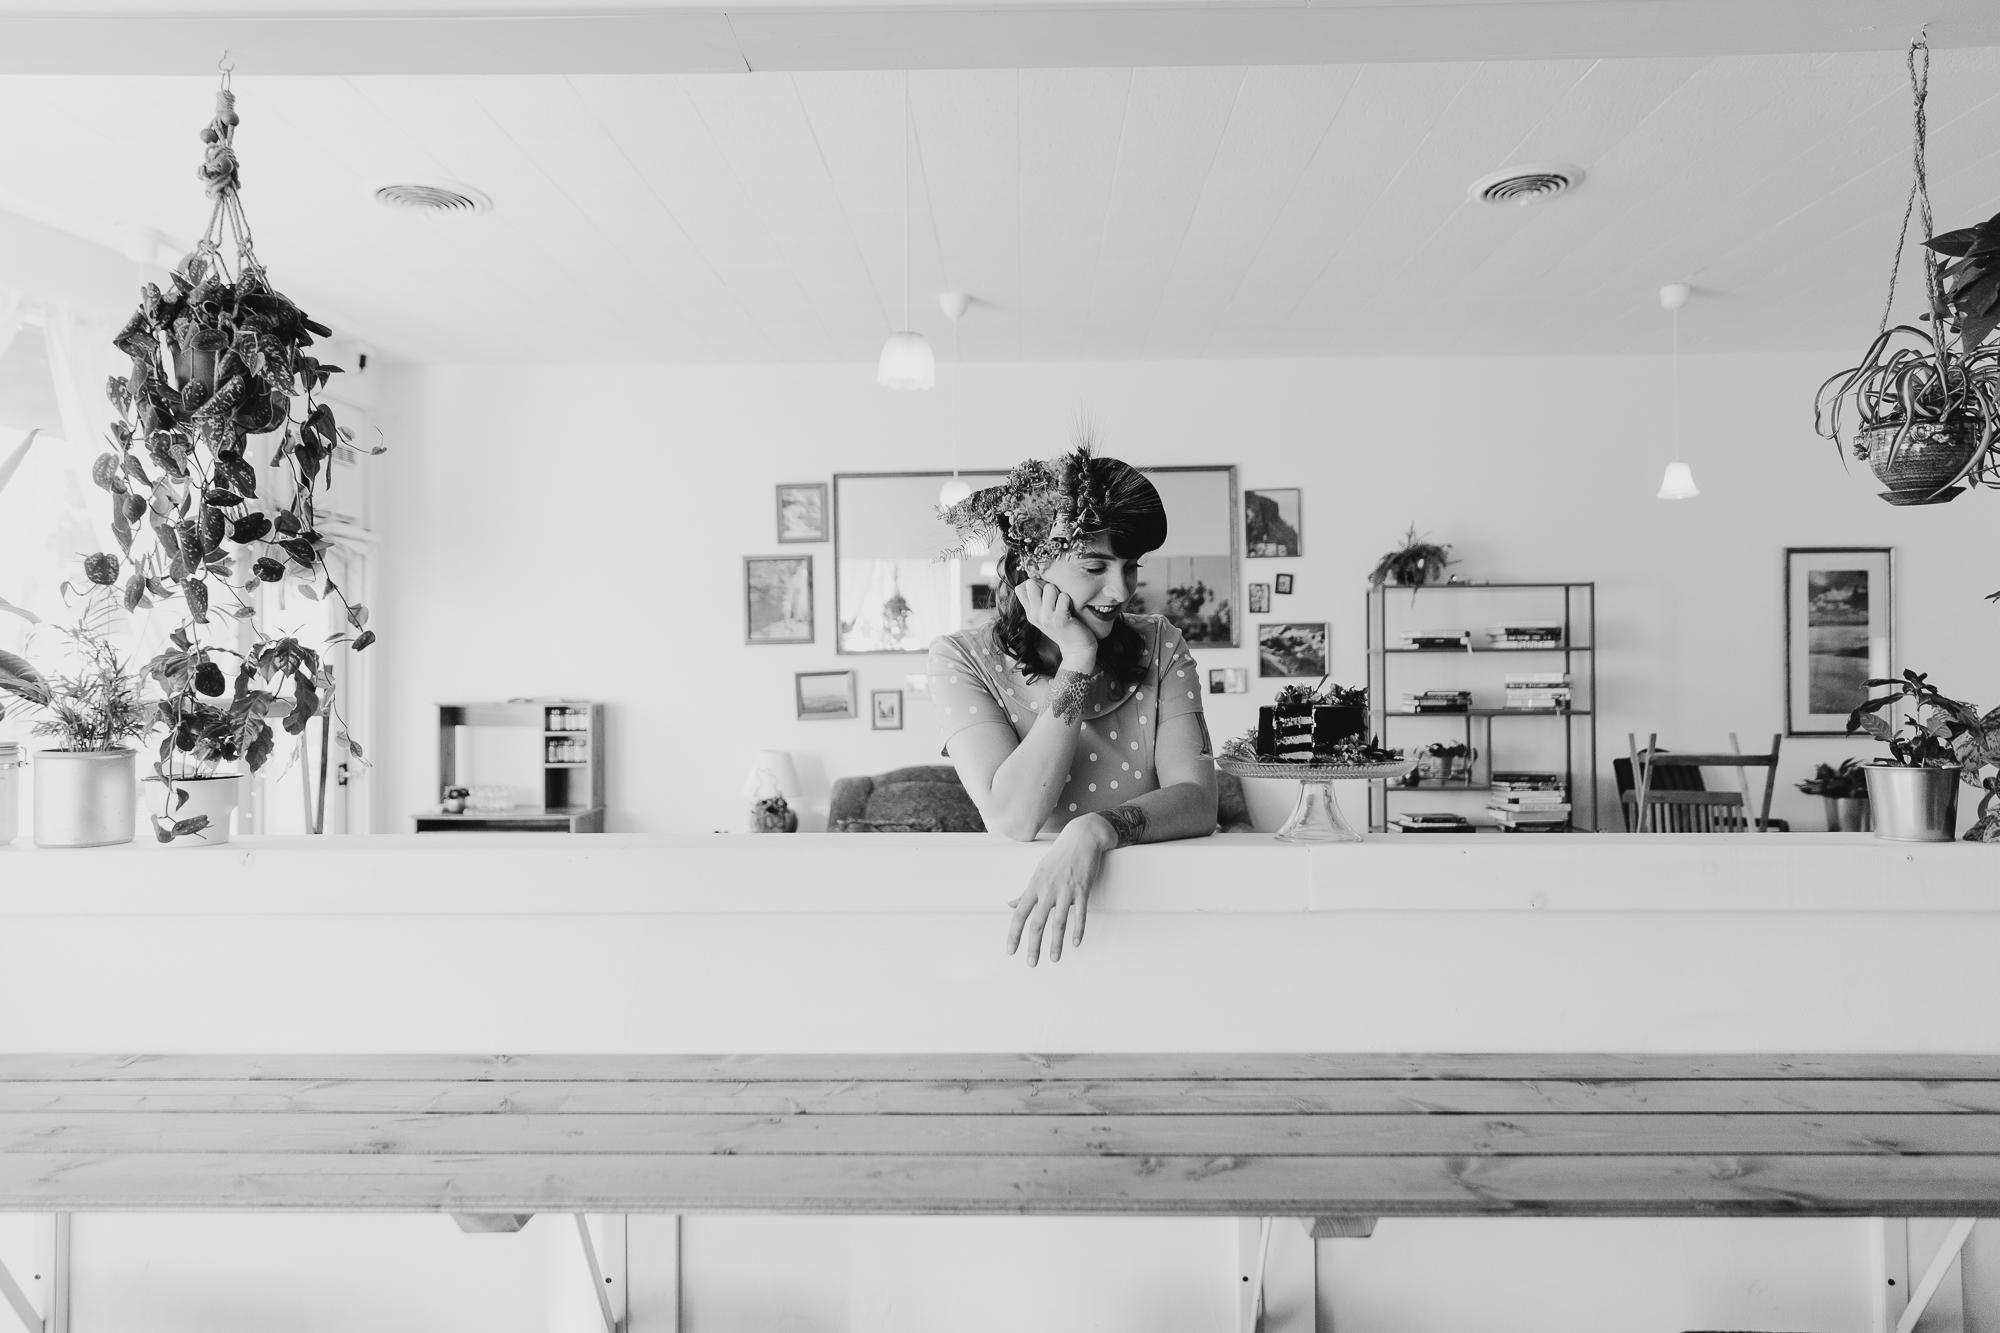 Bakery_woman_portland-39.JPG